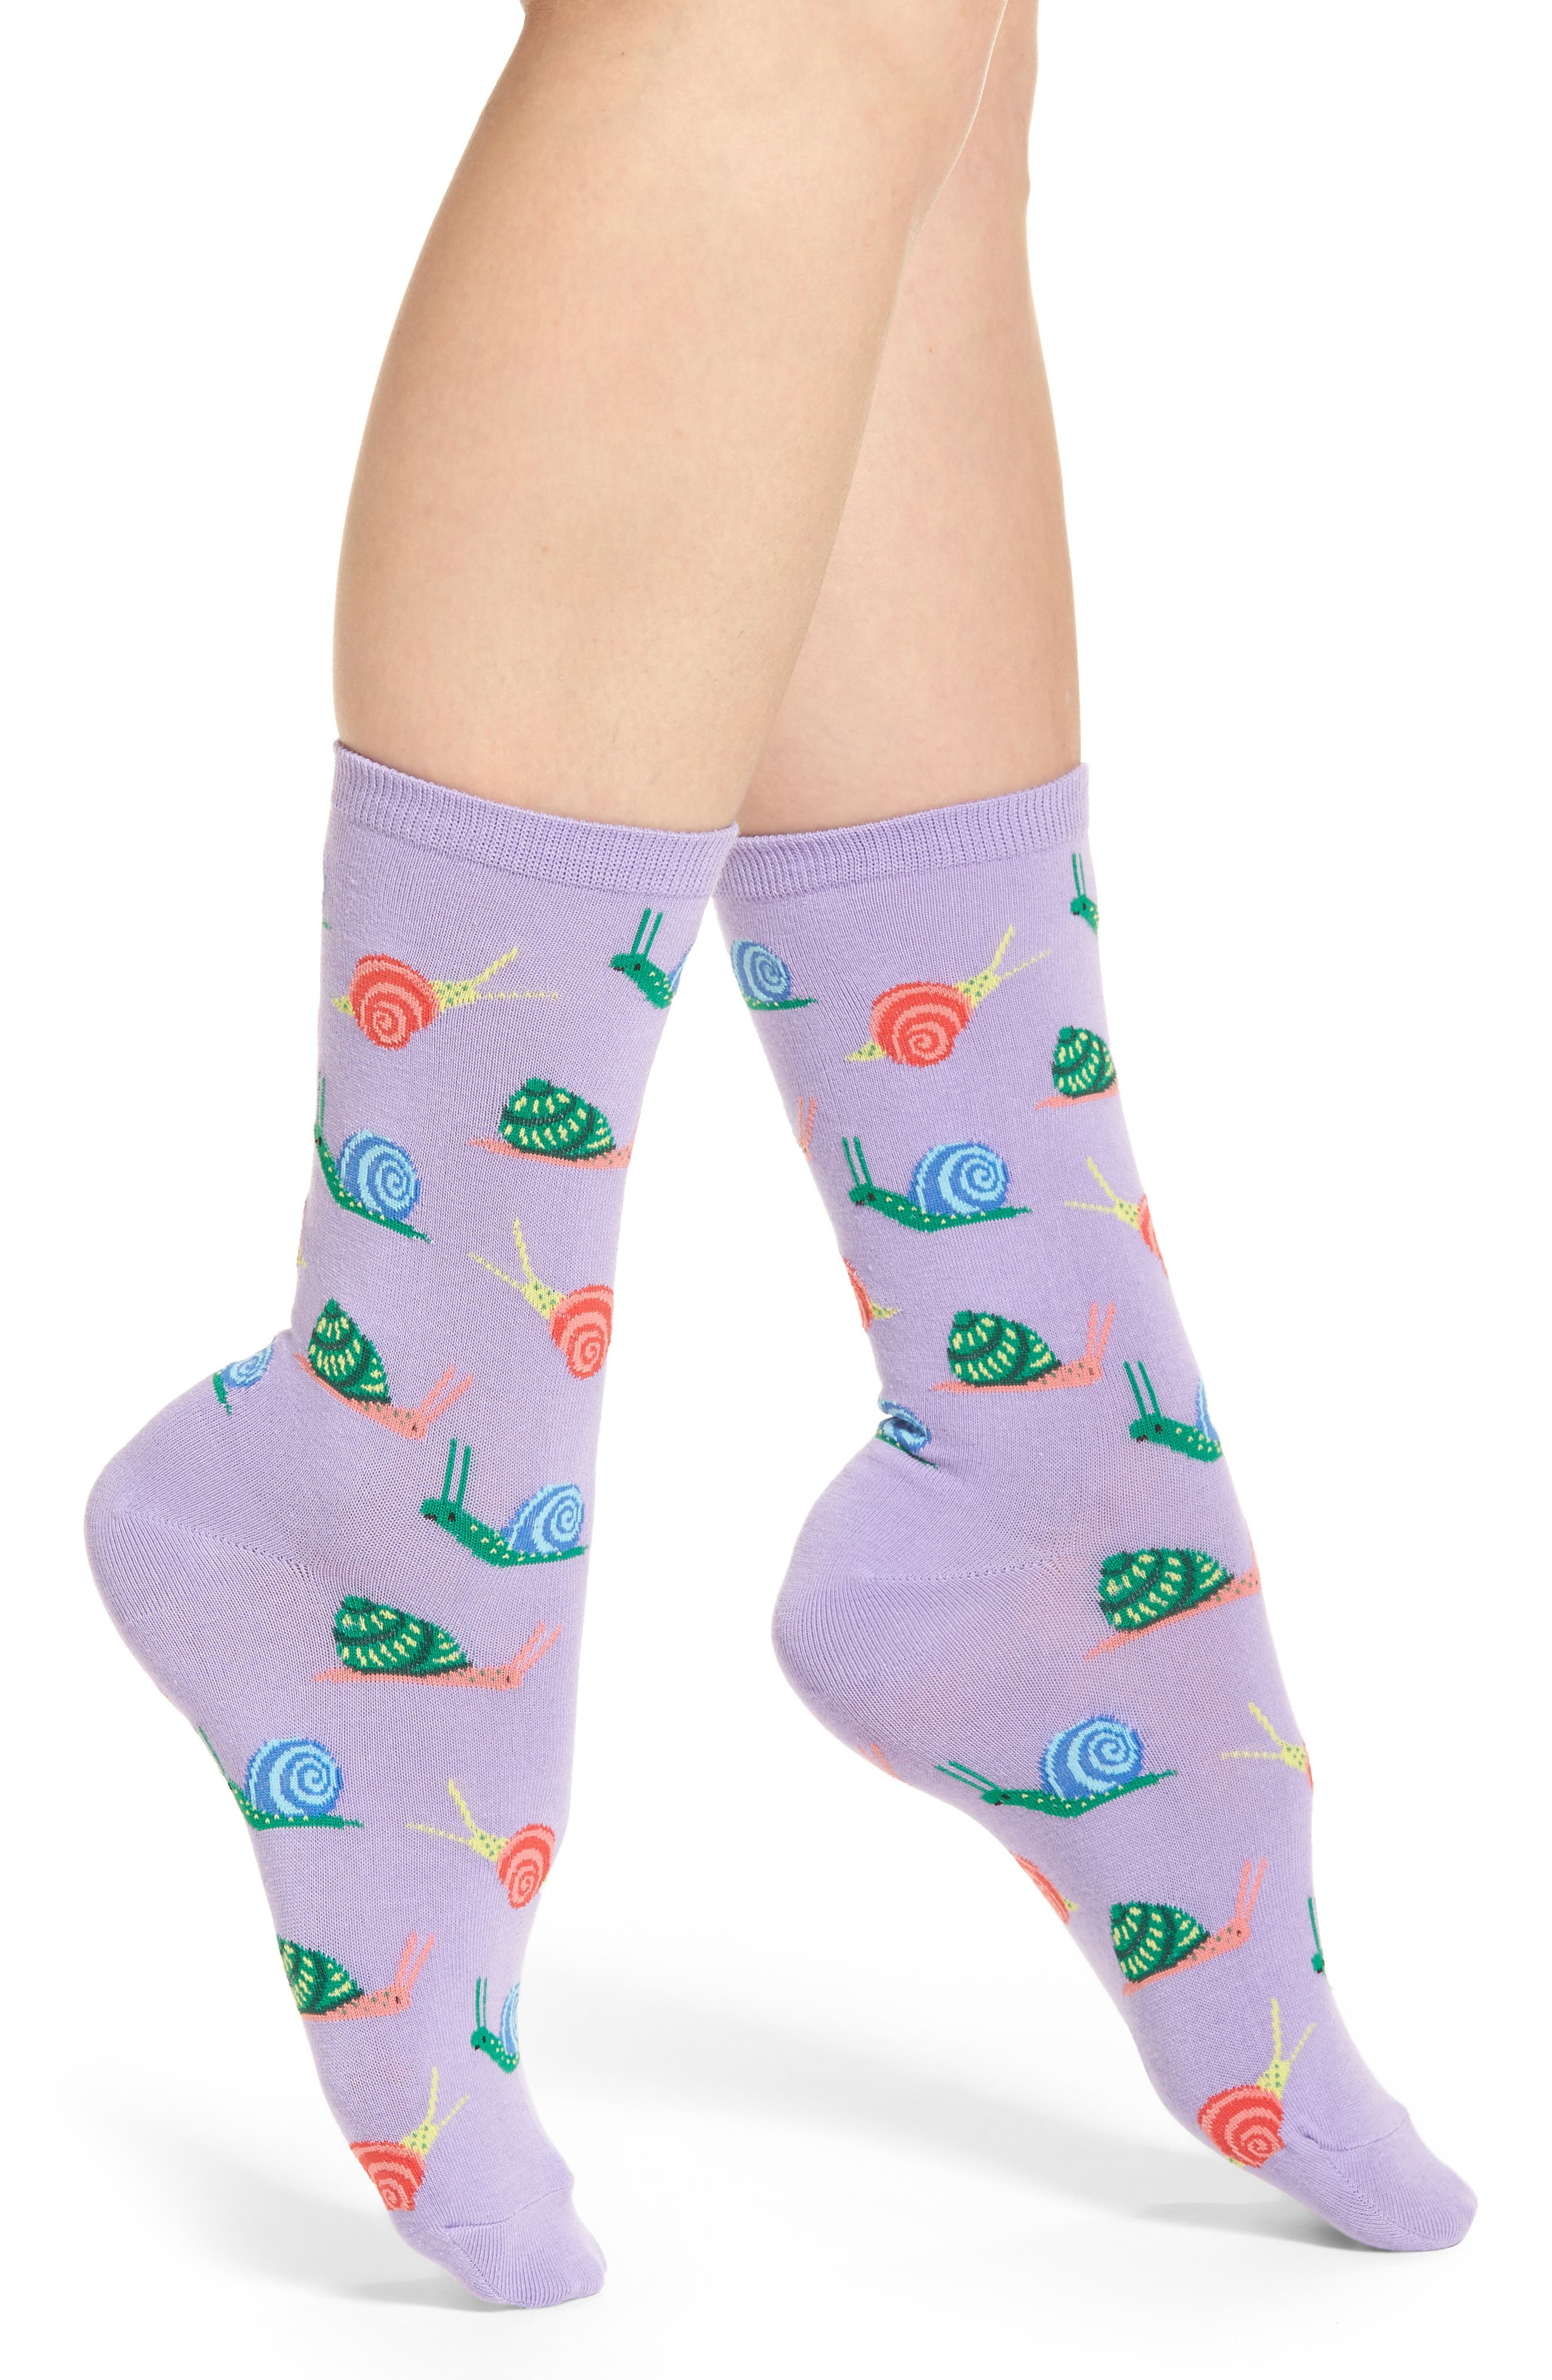 Snail Crew Socks,                         Main,                         color, Lavender